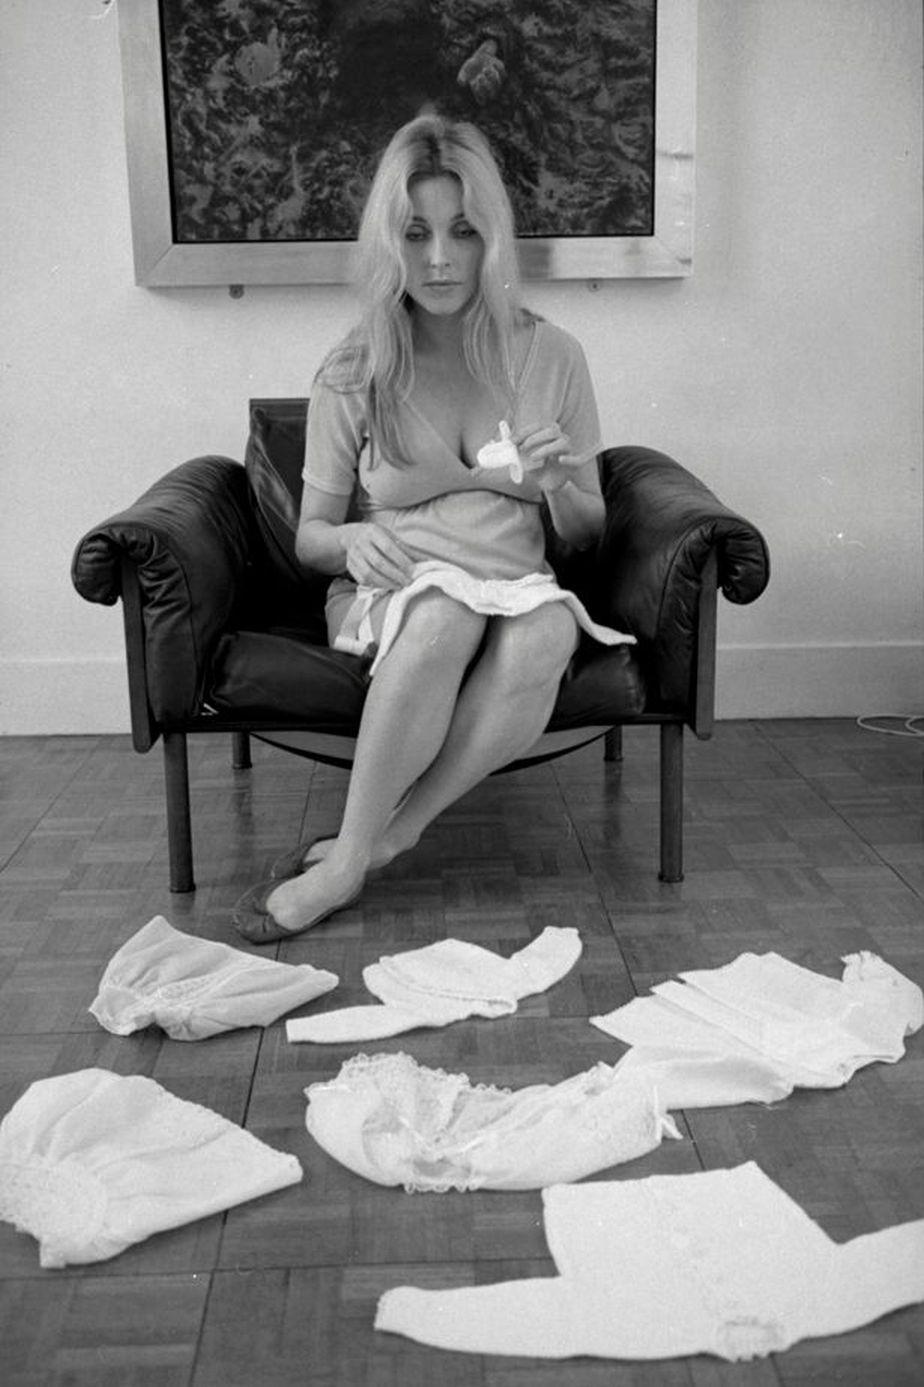 Sharon Tate se encontraba embarazada de ocho meses y medio cuando ocurrió su asesinato. (Foto: Terry O'Neill/Iconic Images)